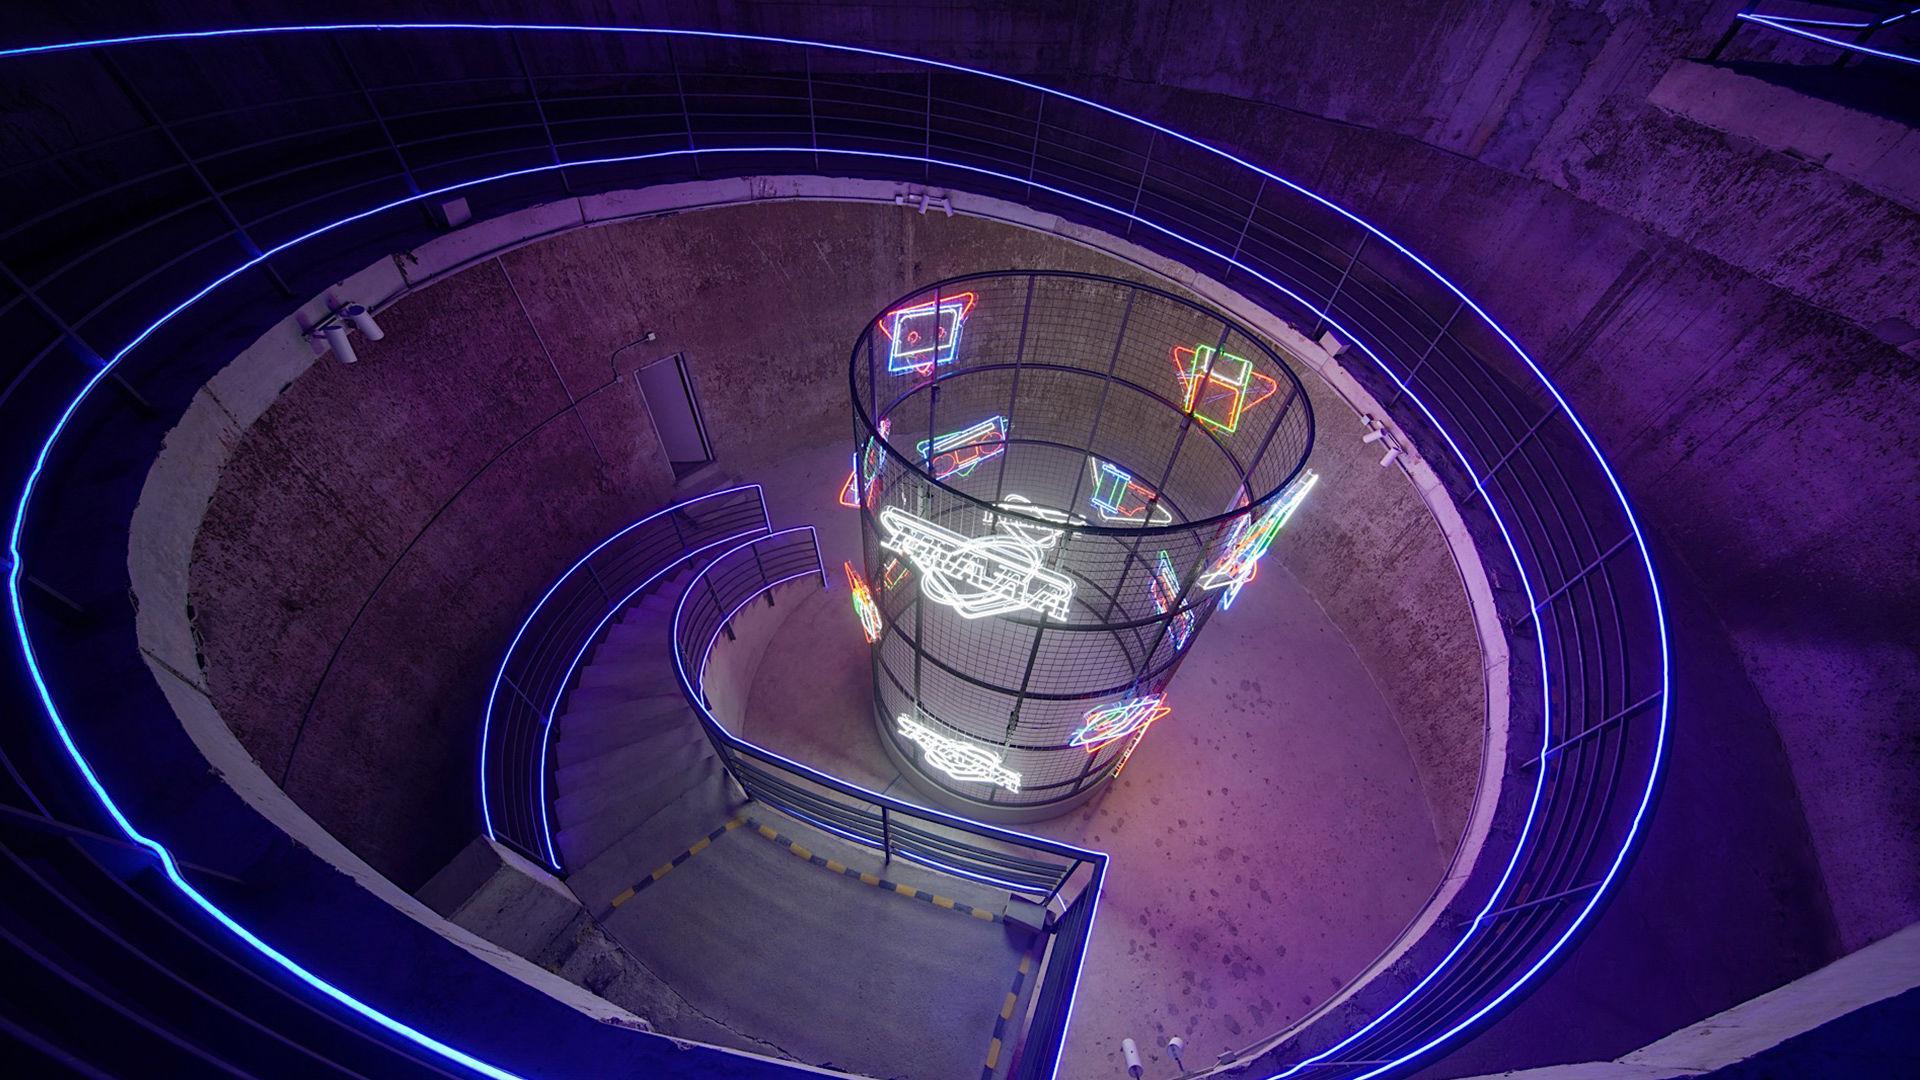 Lys, farger og futurisme, berøring av AMO for den nye Prada-samlingen